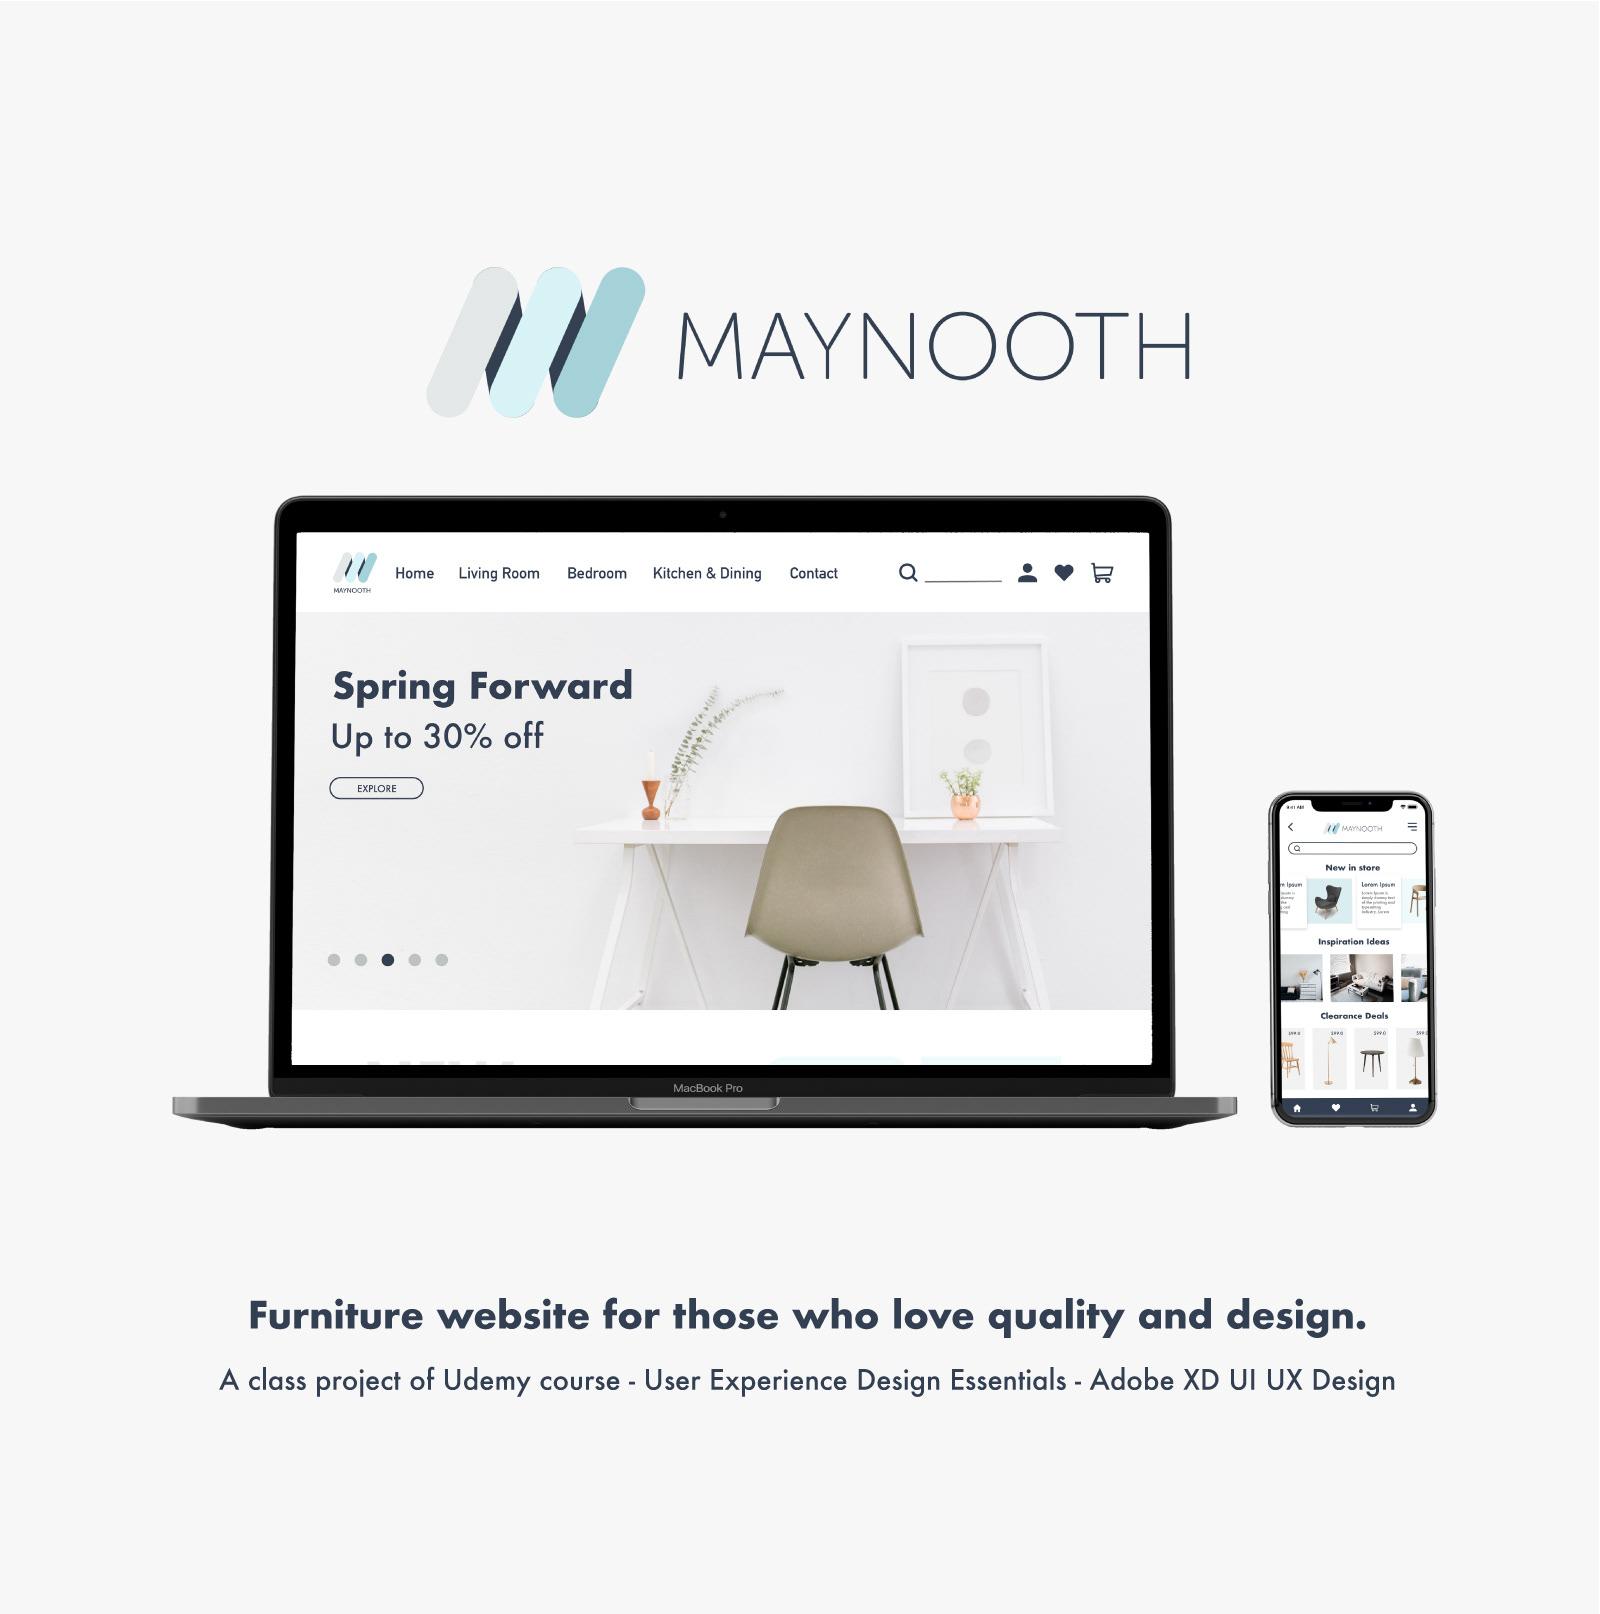 Maynooth Furniture Website App Design On Behance